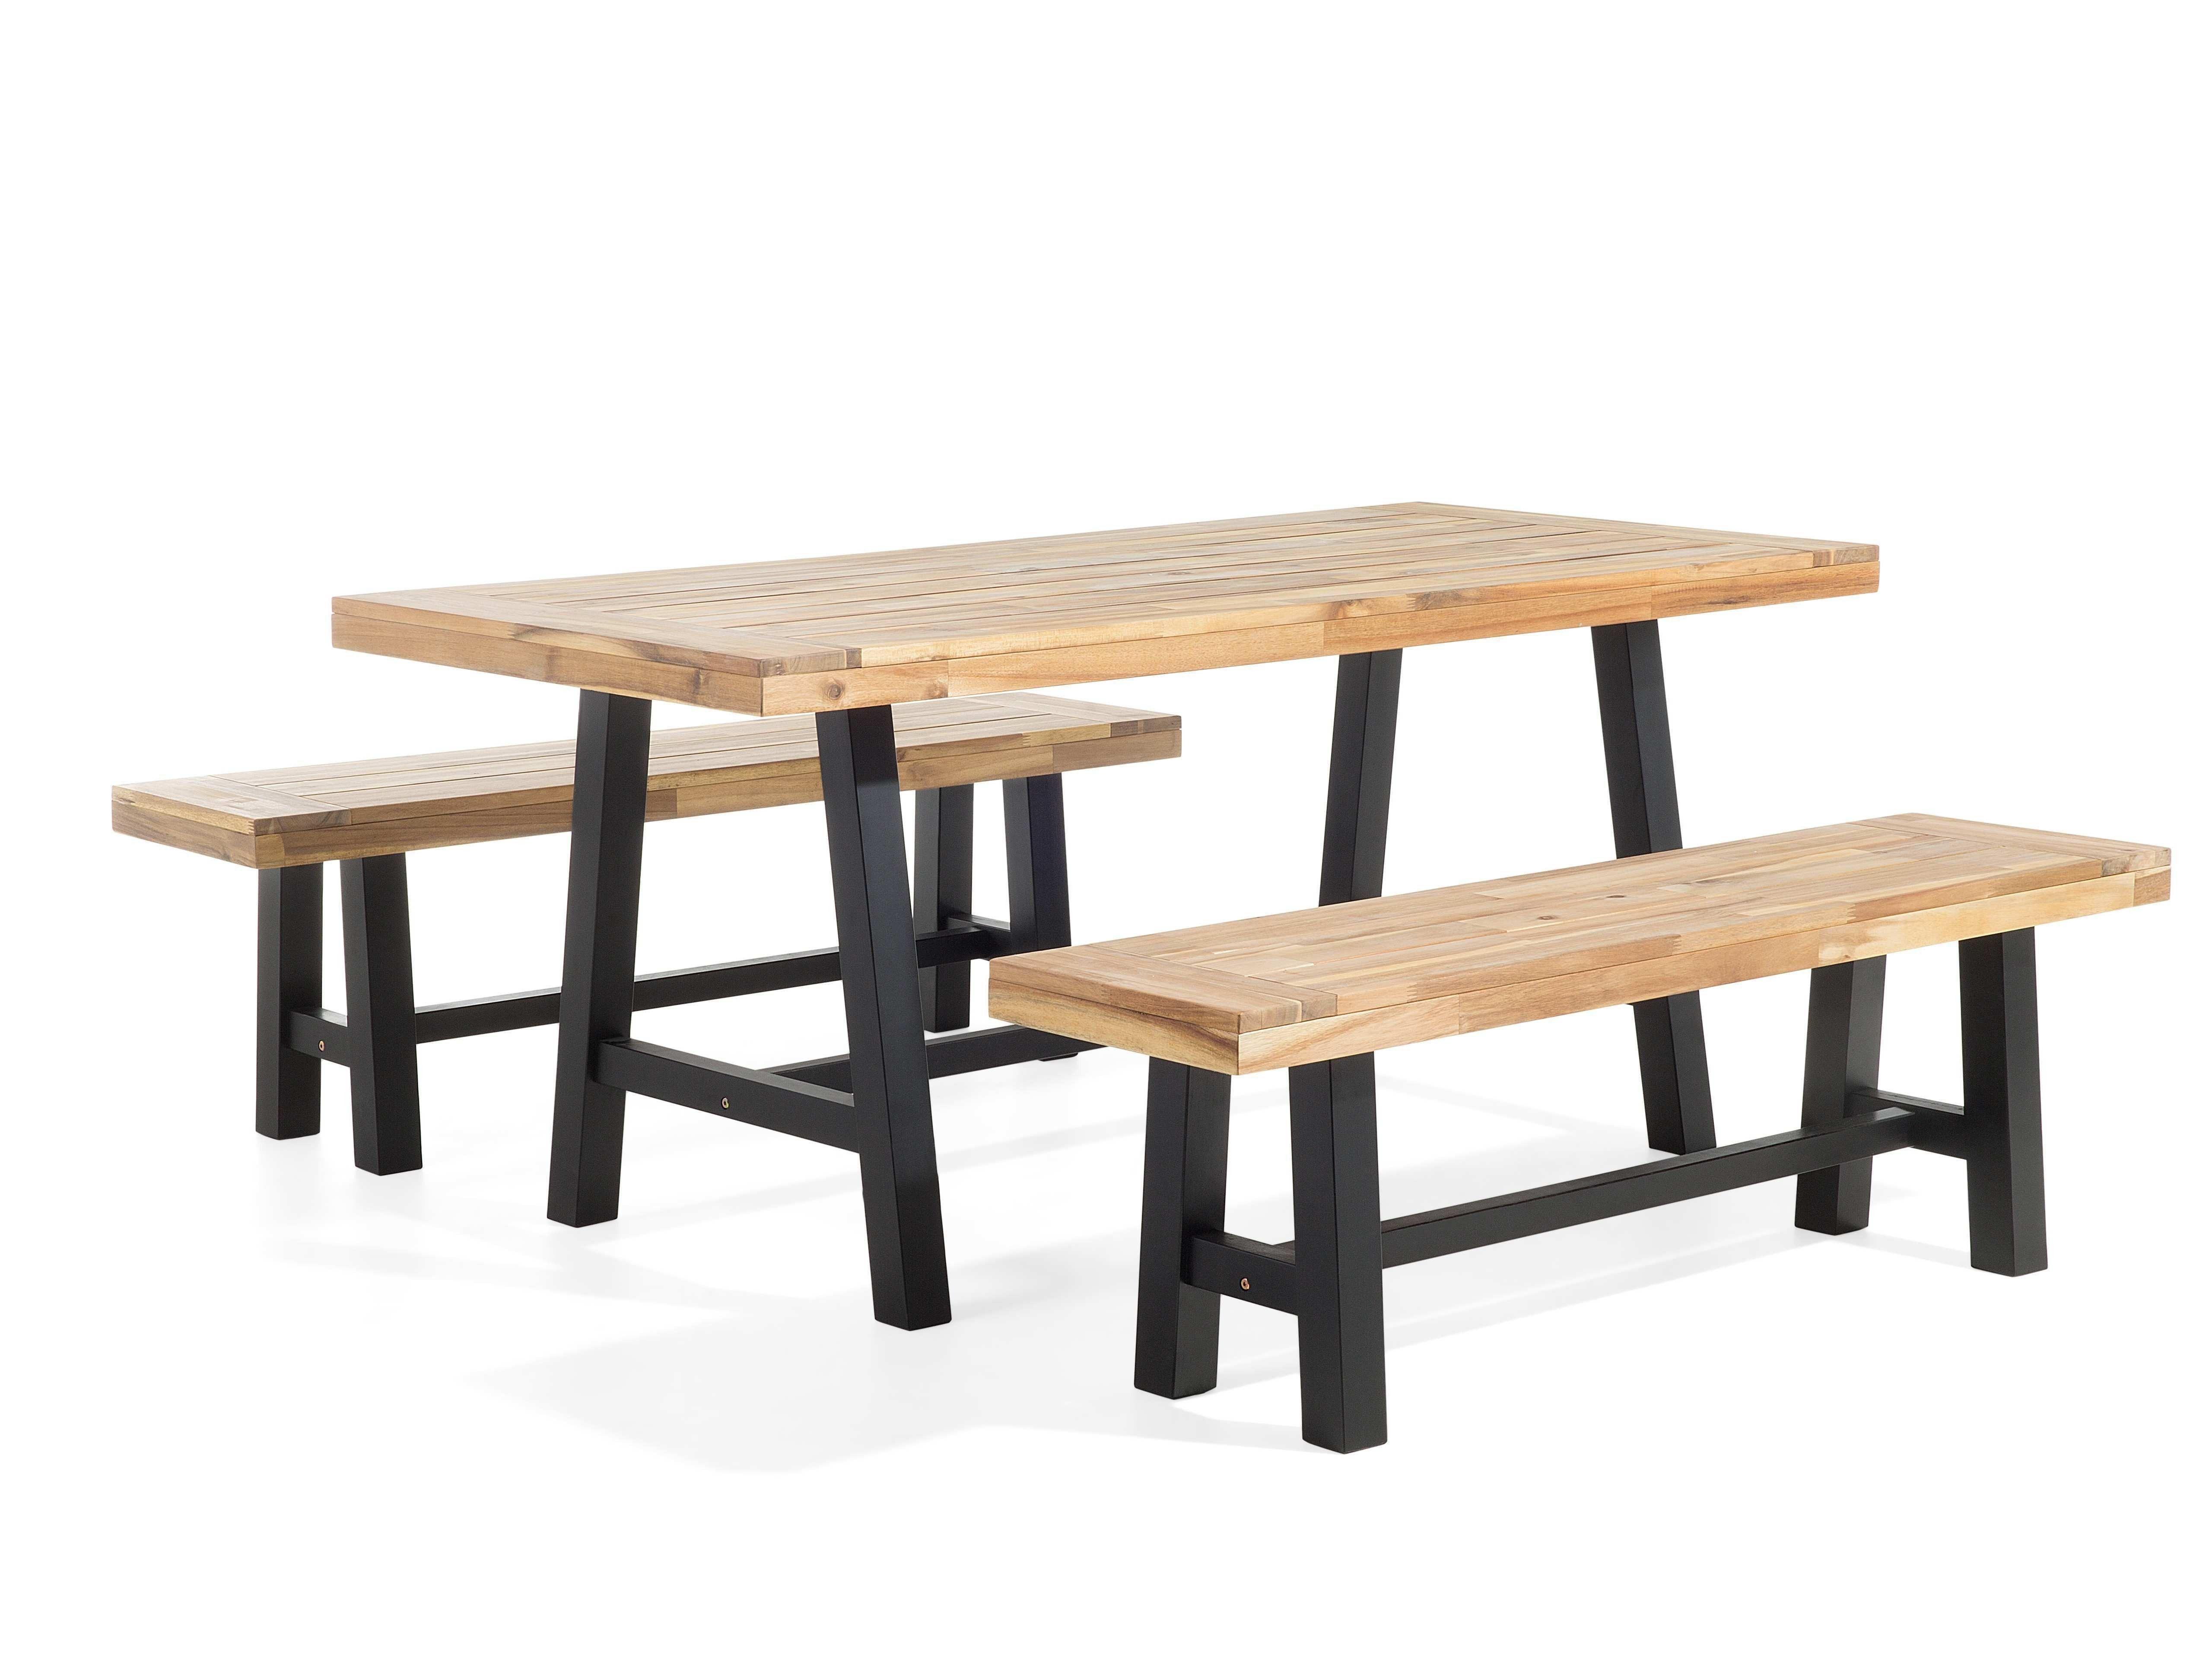 Table Et Banc Pliant Table Et Banc Pliant Table En Bois Avec